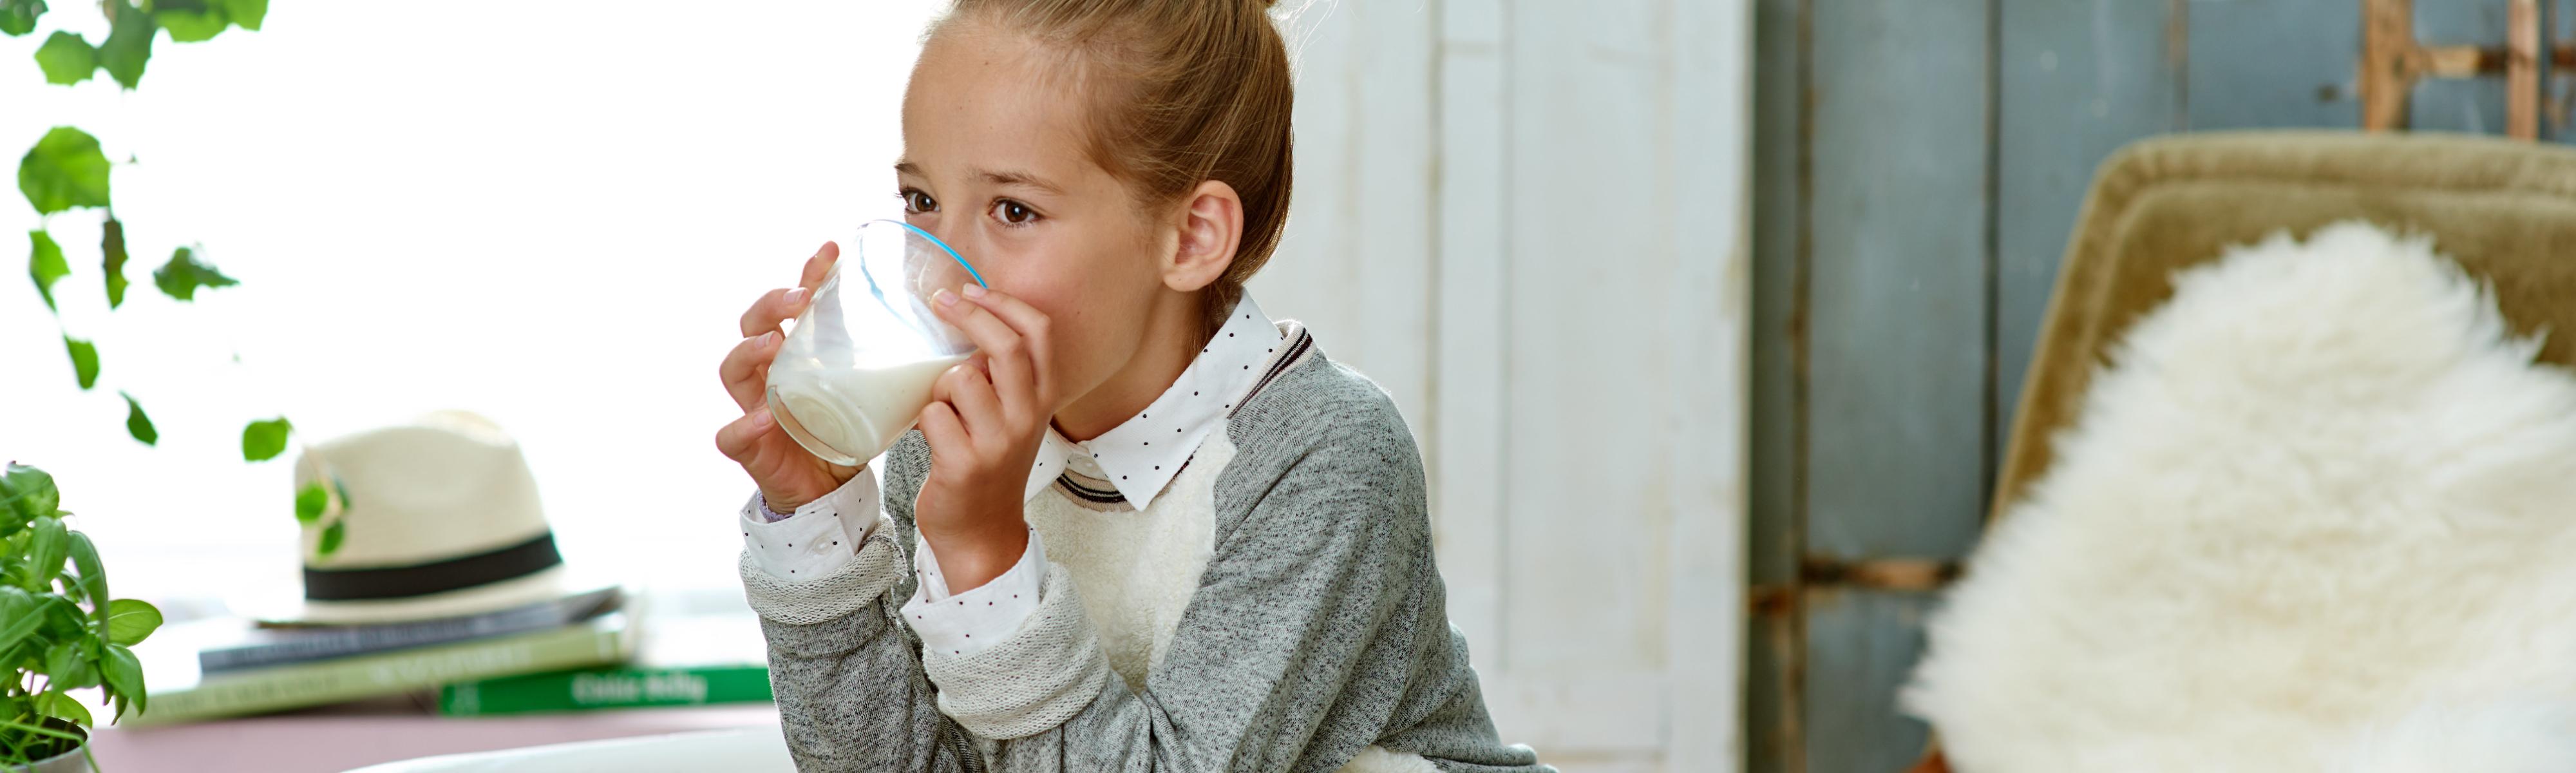 Meisje dat glas melk drinkt